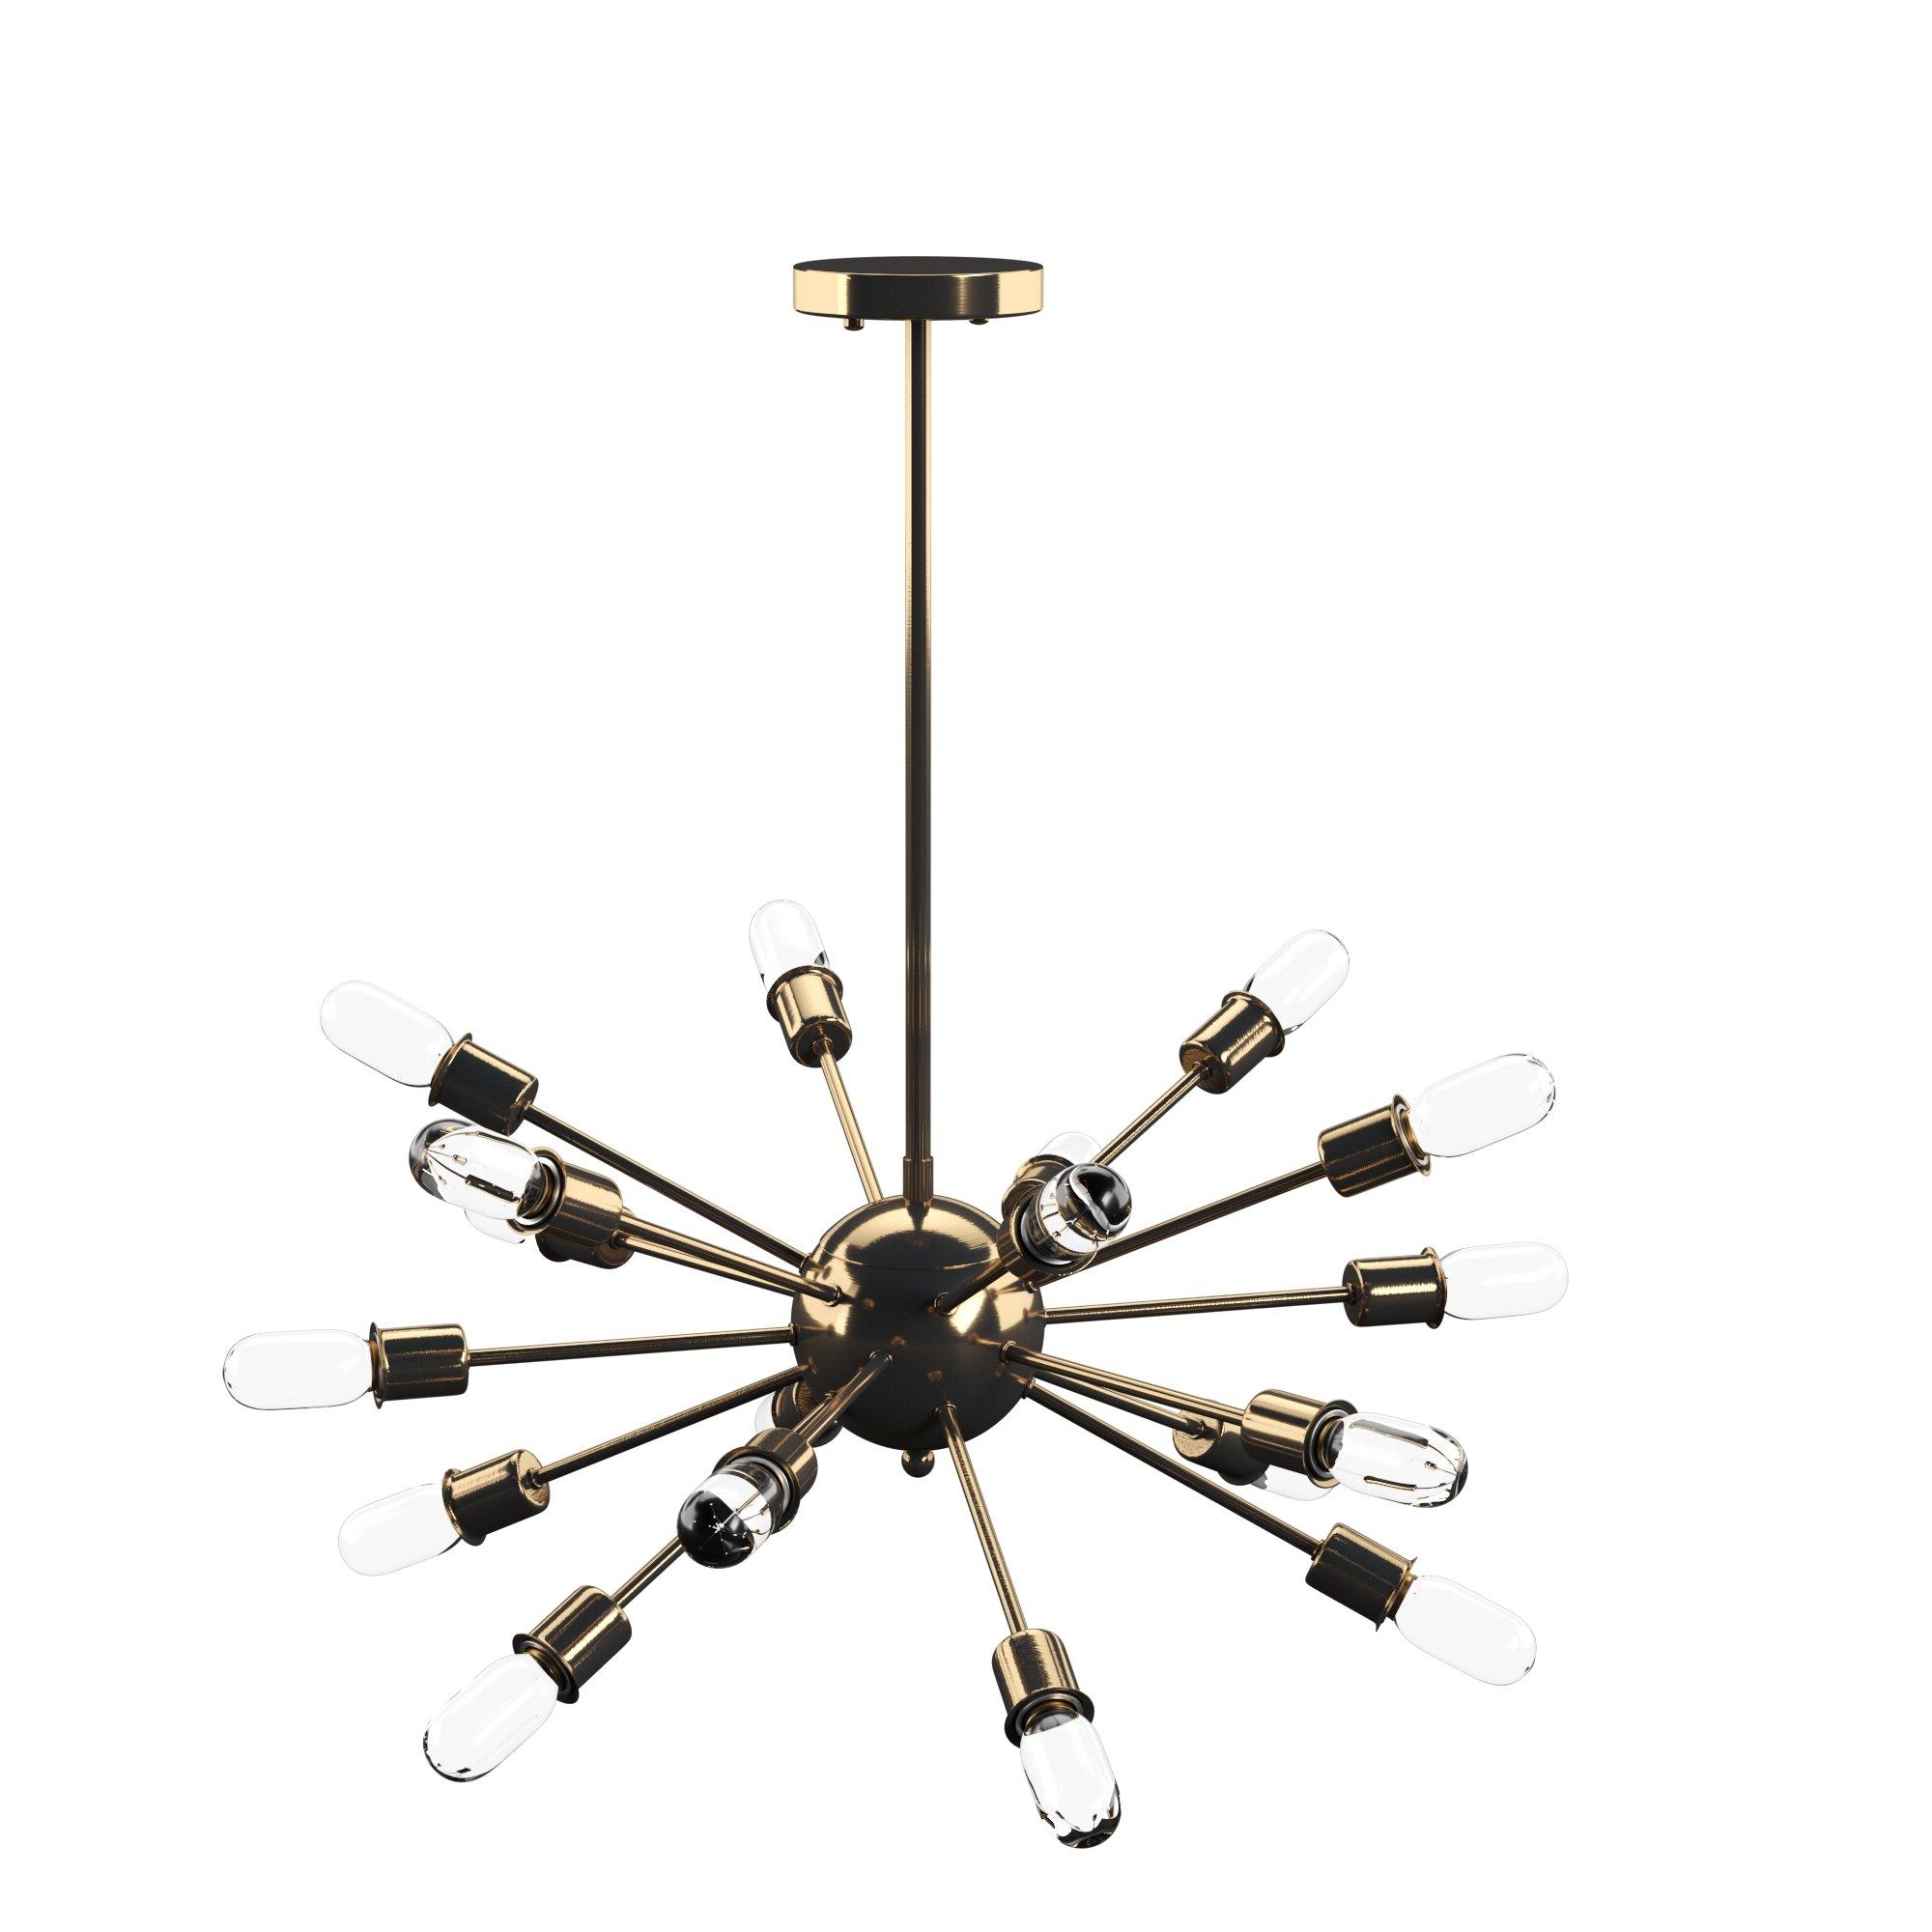 Defreitas 18 Light Sputnik Chandelier Regarding Most Recent Defreitas 18 Light Sputnik Chandeliers (Gallery 1 of 25)